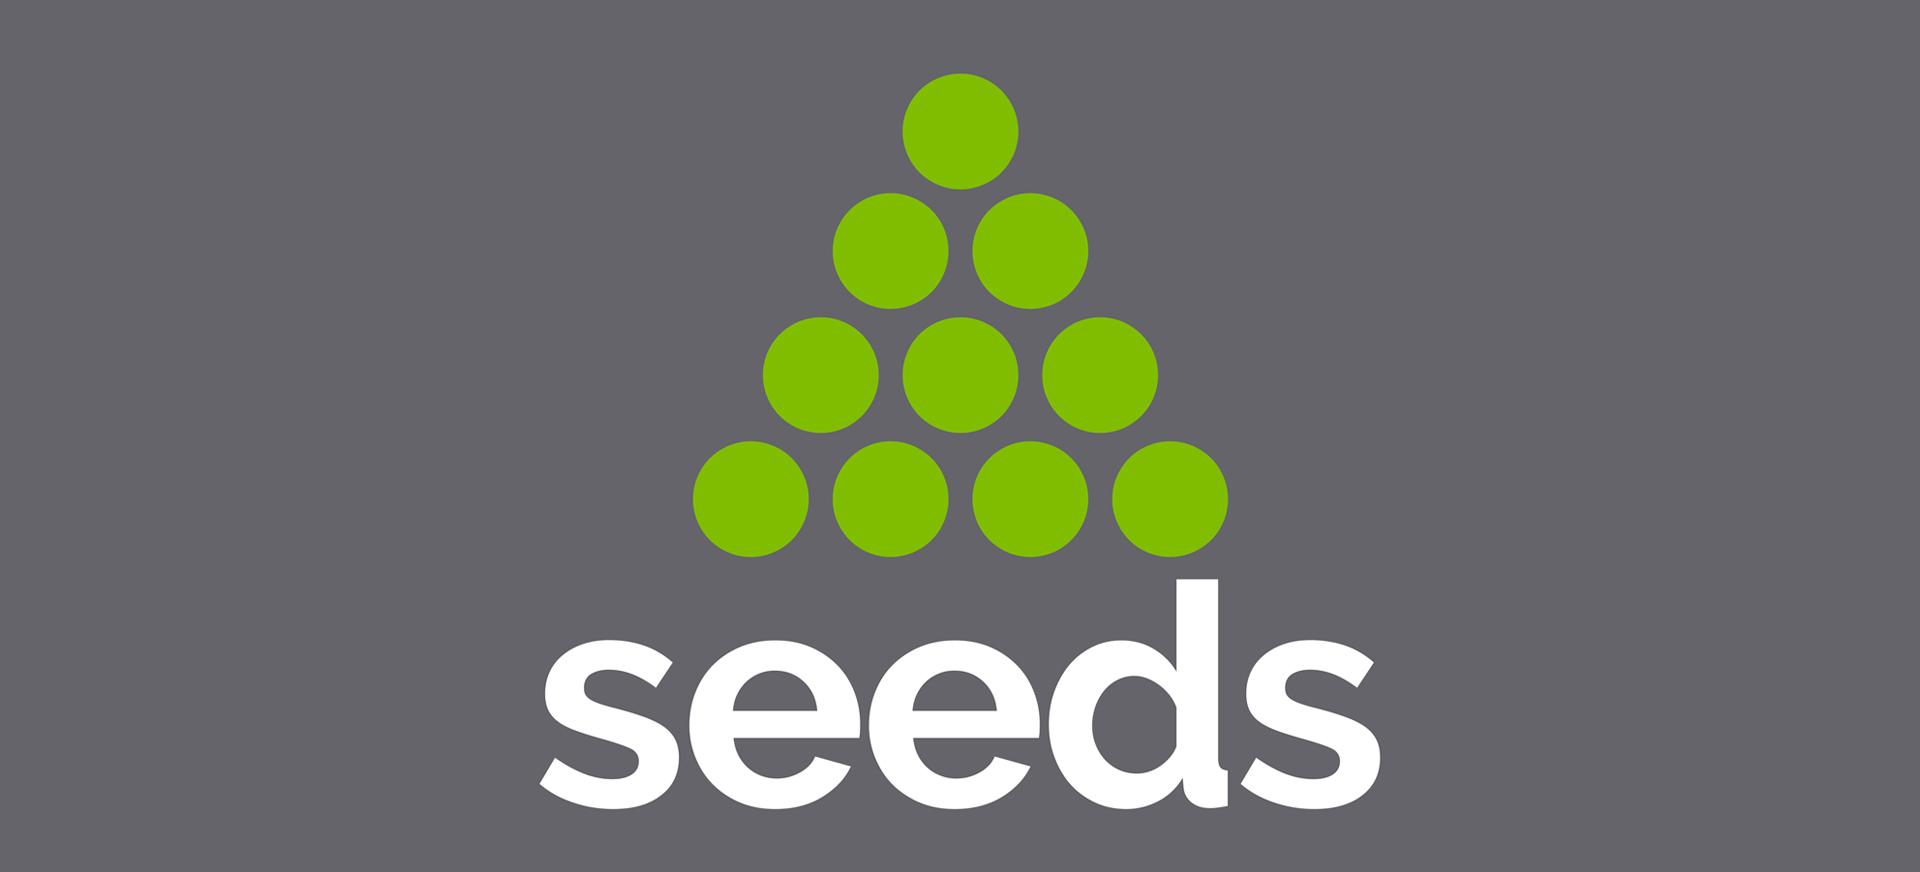 Seeds dark wide